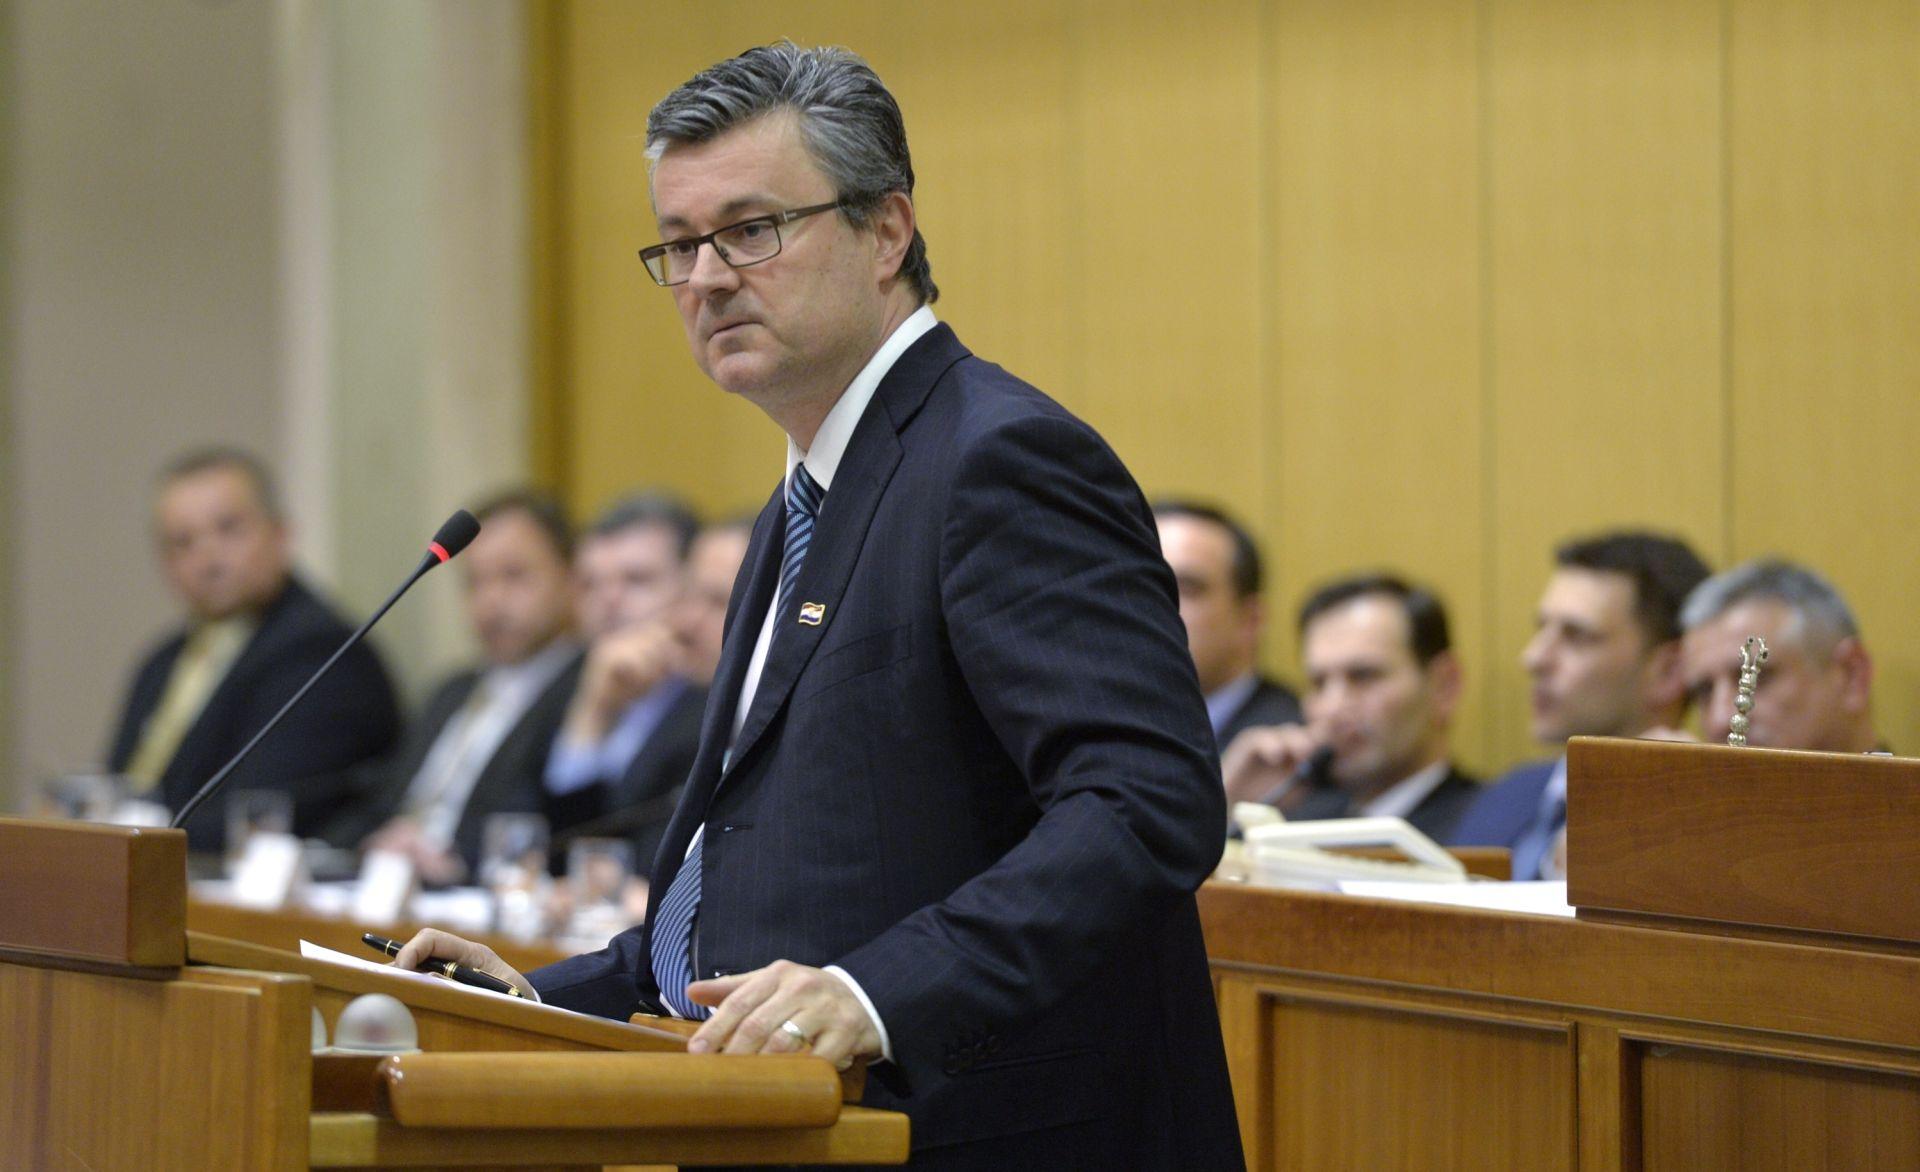 PREMIJER TIHOMIR OREŠKOVIĆ: O registru izdajnika, ministru kulture i uvođenju poreza na nekretnine